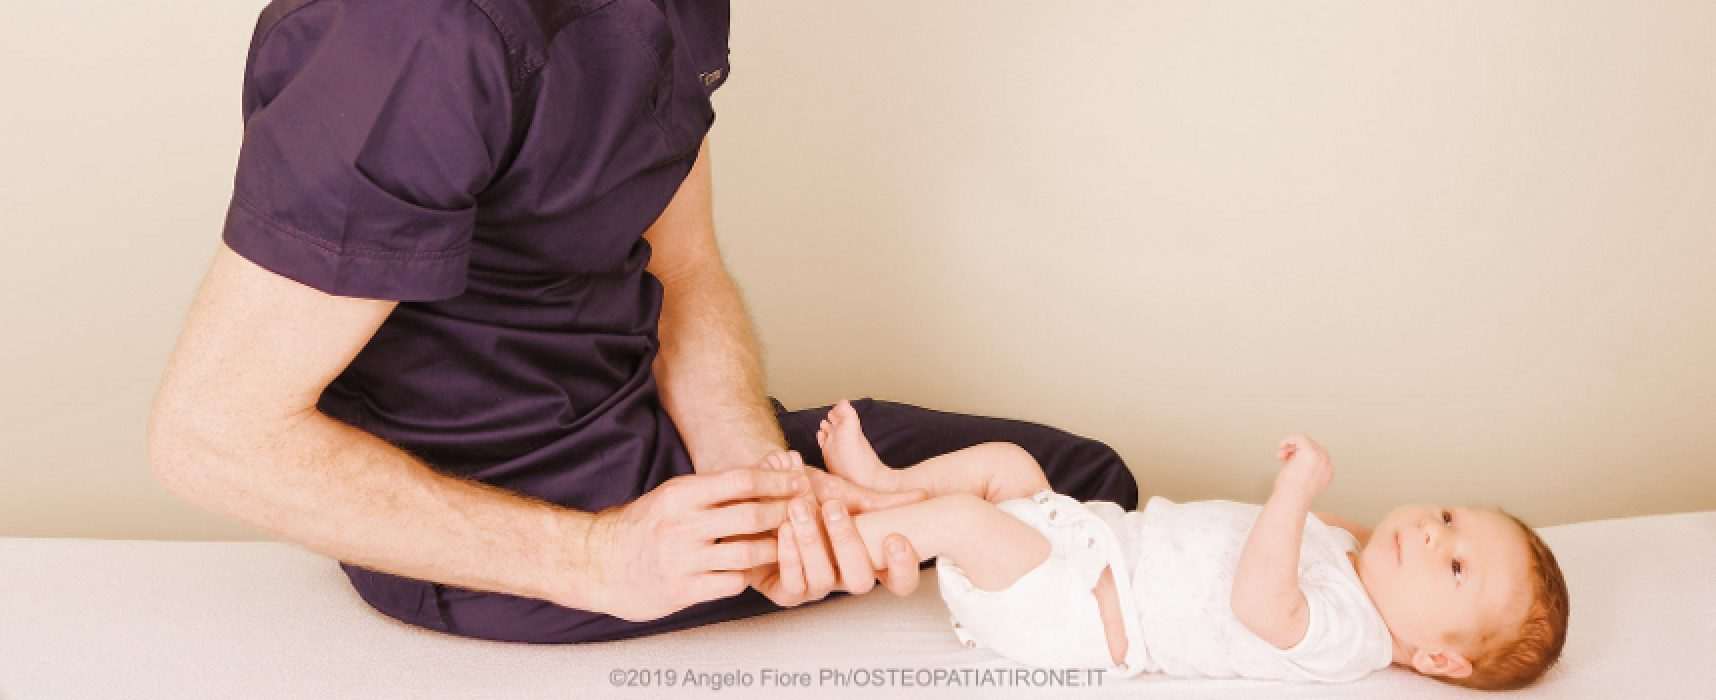 Abbraccio alla vita, incontro su trattamenti osteopatici a bambini prematuri o con disabilità